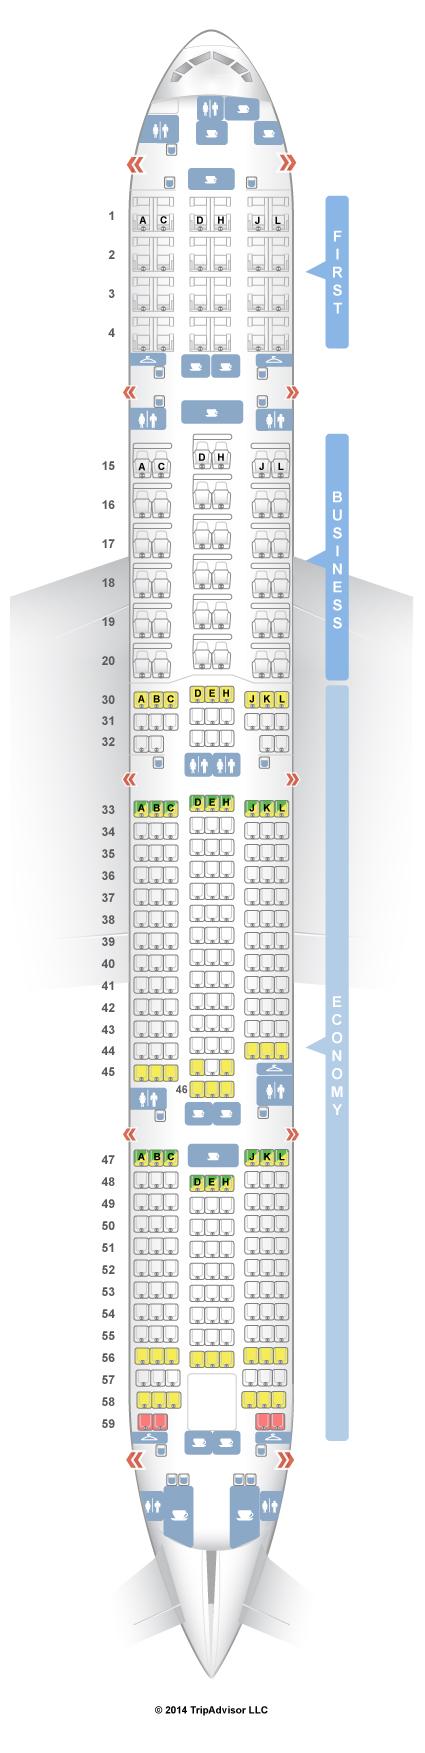 SeatGuru Seat Map Saudia - SeatGuru